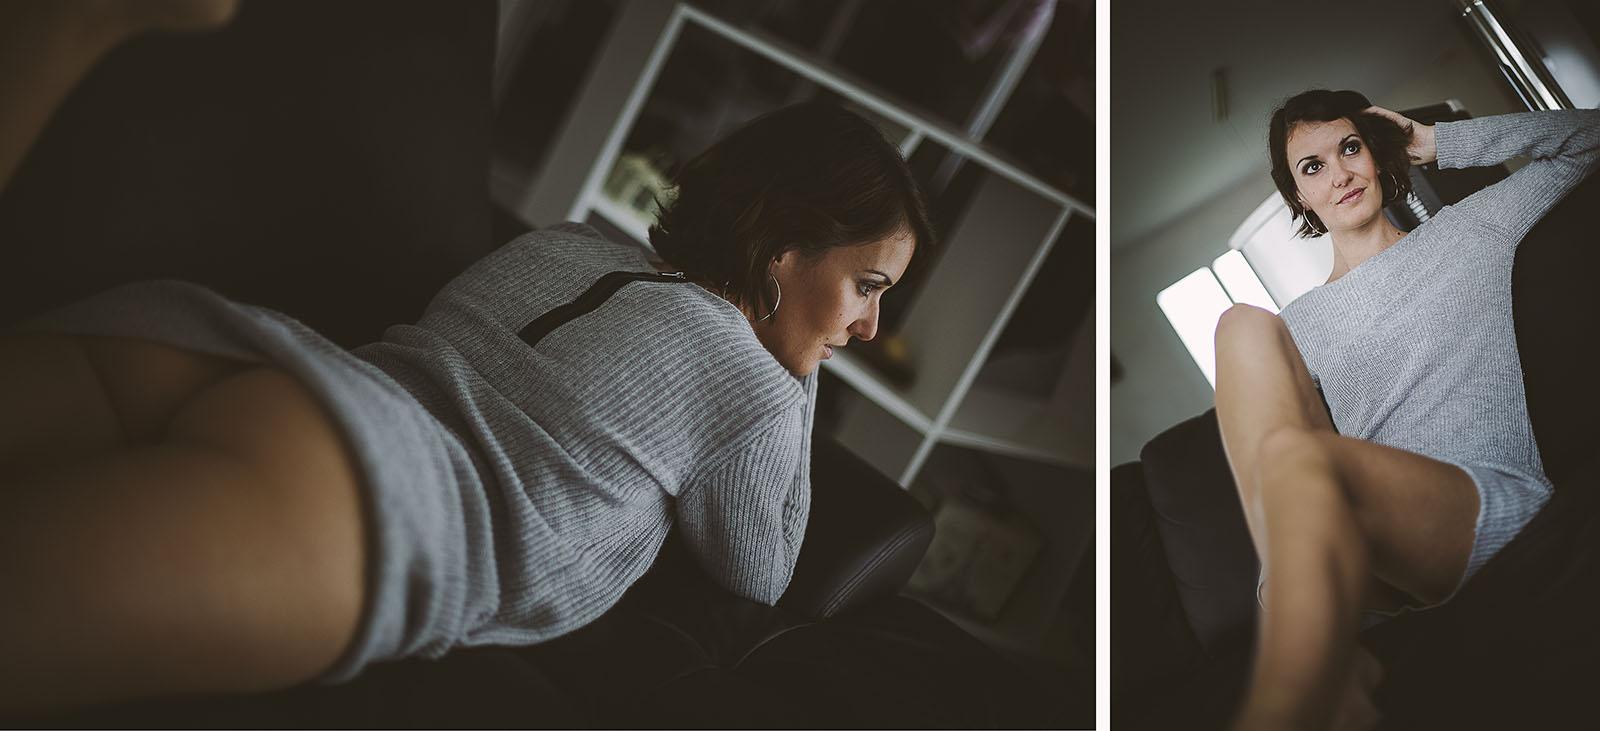 Reprendre confiance grâce à la photo Marie portrait d'une femme sensuelle. Blueberry corner photographe professionnel à Lyon et Clermont ferrand spécialisé dans la photo de charme, photo glamour et boudoir